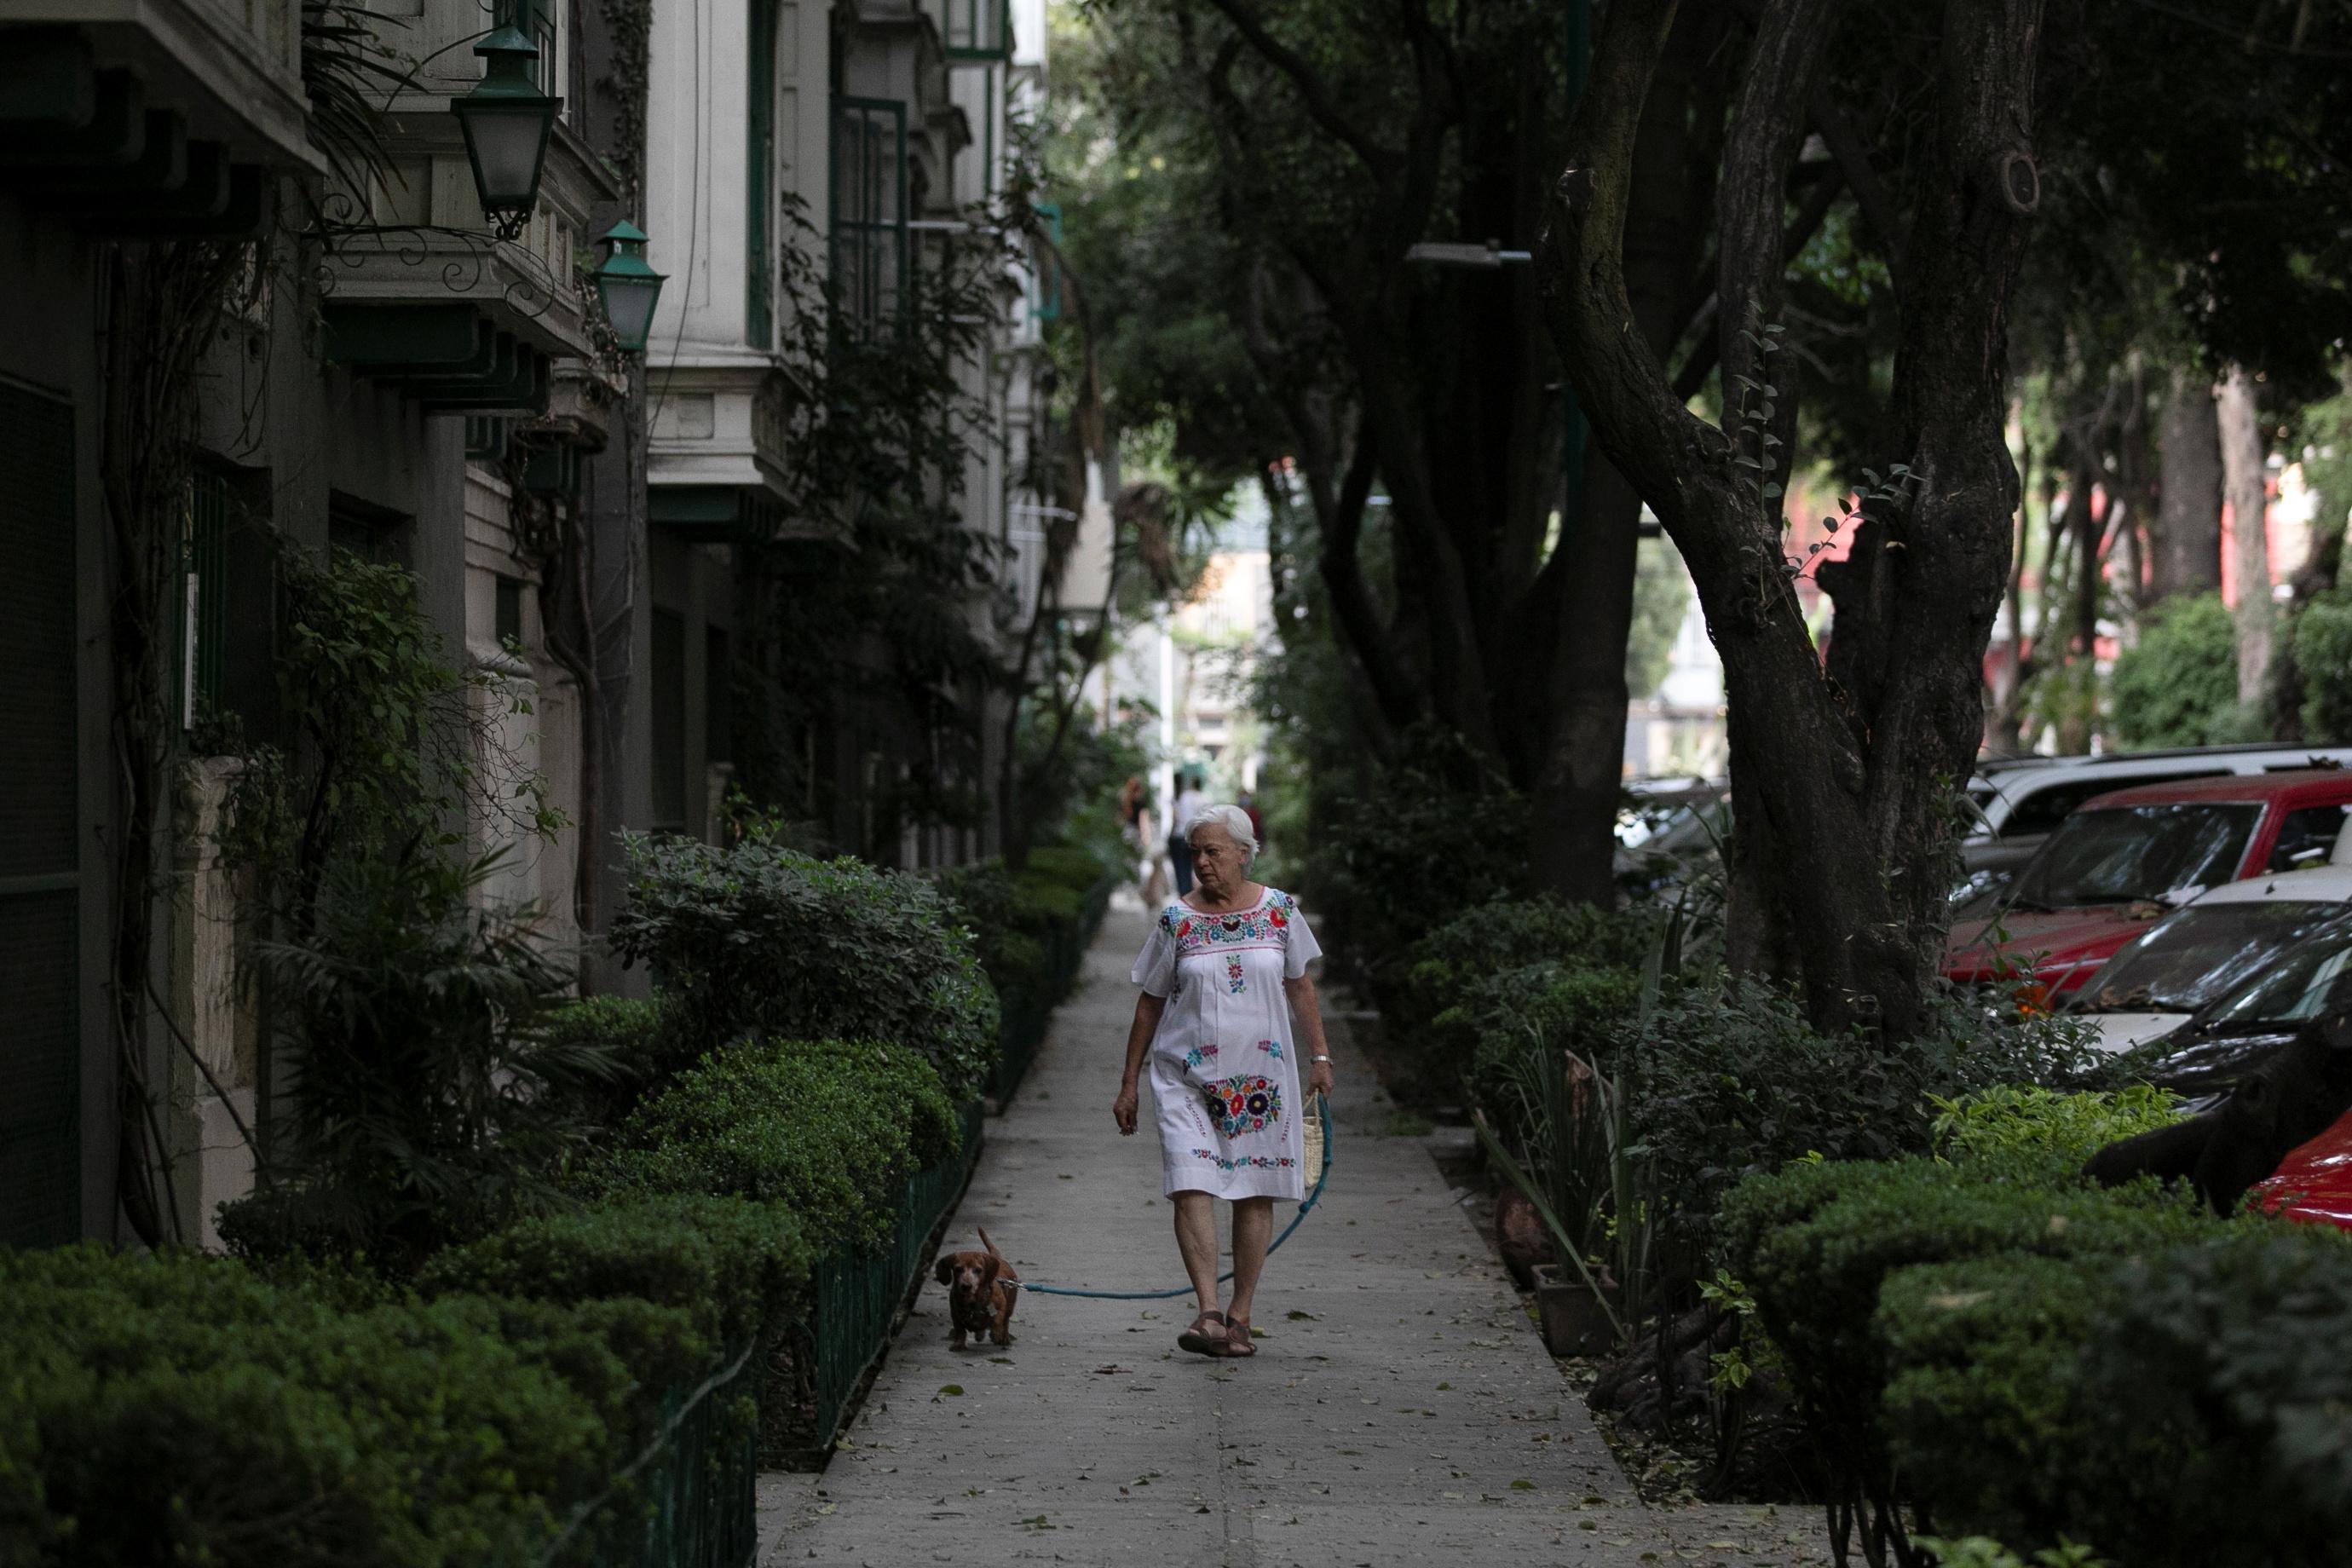 Una anciana camina con un perro en la calle después de que el gobierno de México declarara una emergencia de salud el lunes y emitiera normas más estrictas destinadas a contener la enfermedad de coronavirus de rápida propagación (COVID-19), en la Ciudad de México, México, 31 de marzo de 2020.